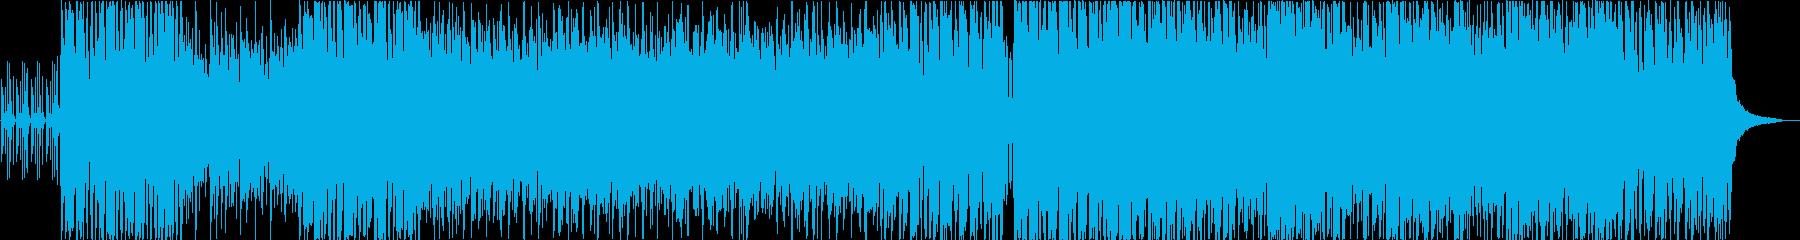 ウクレレと口笛が印象的なポップで楽しい曲の再生済みの波形